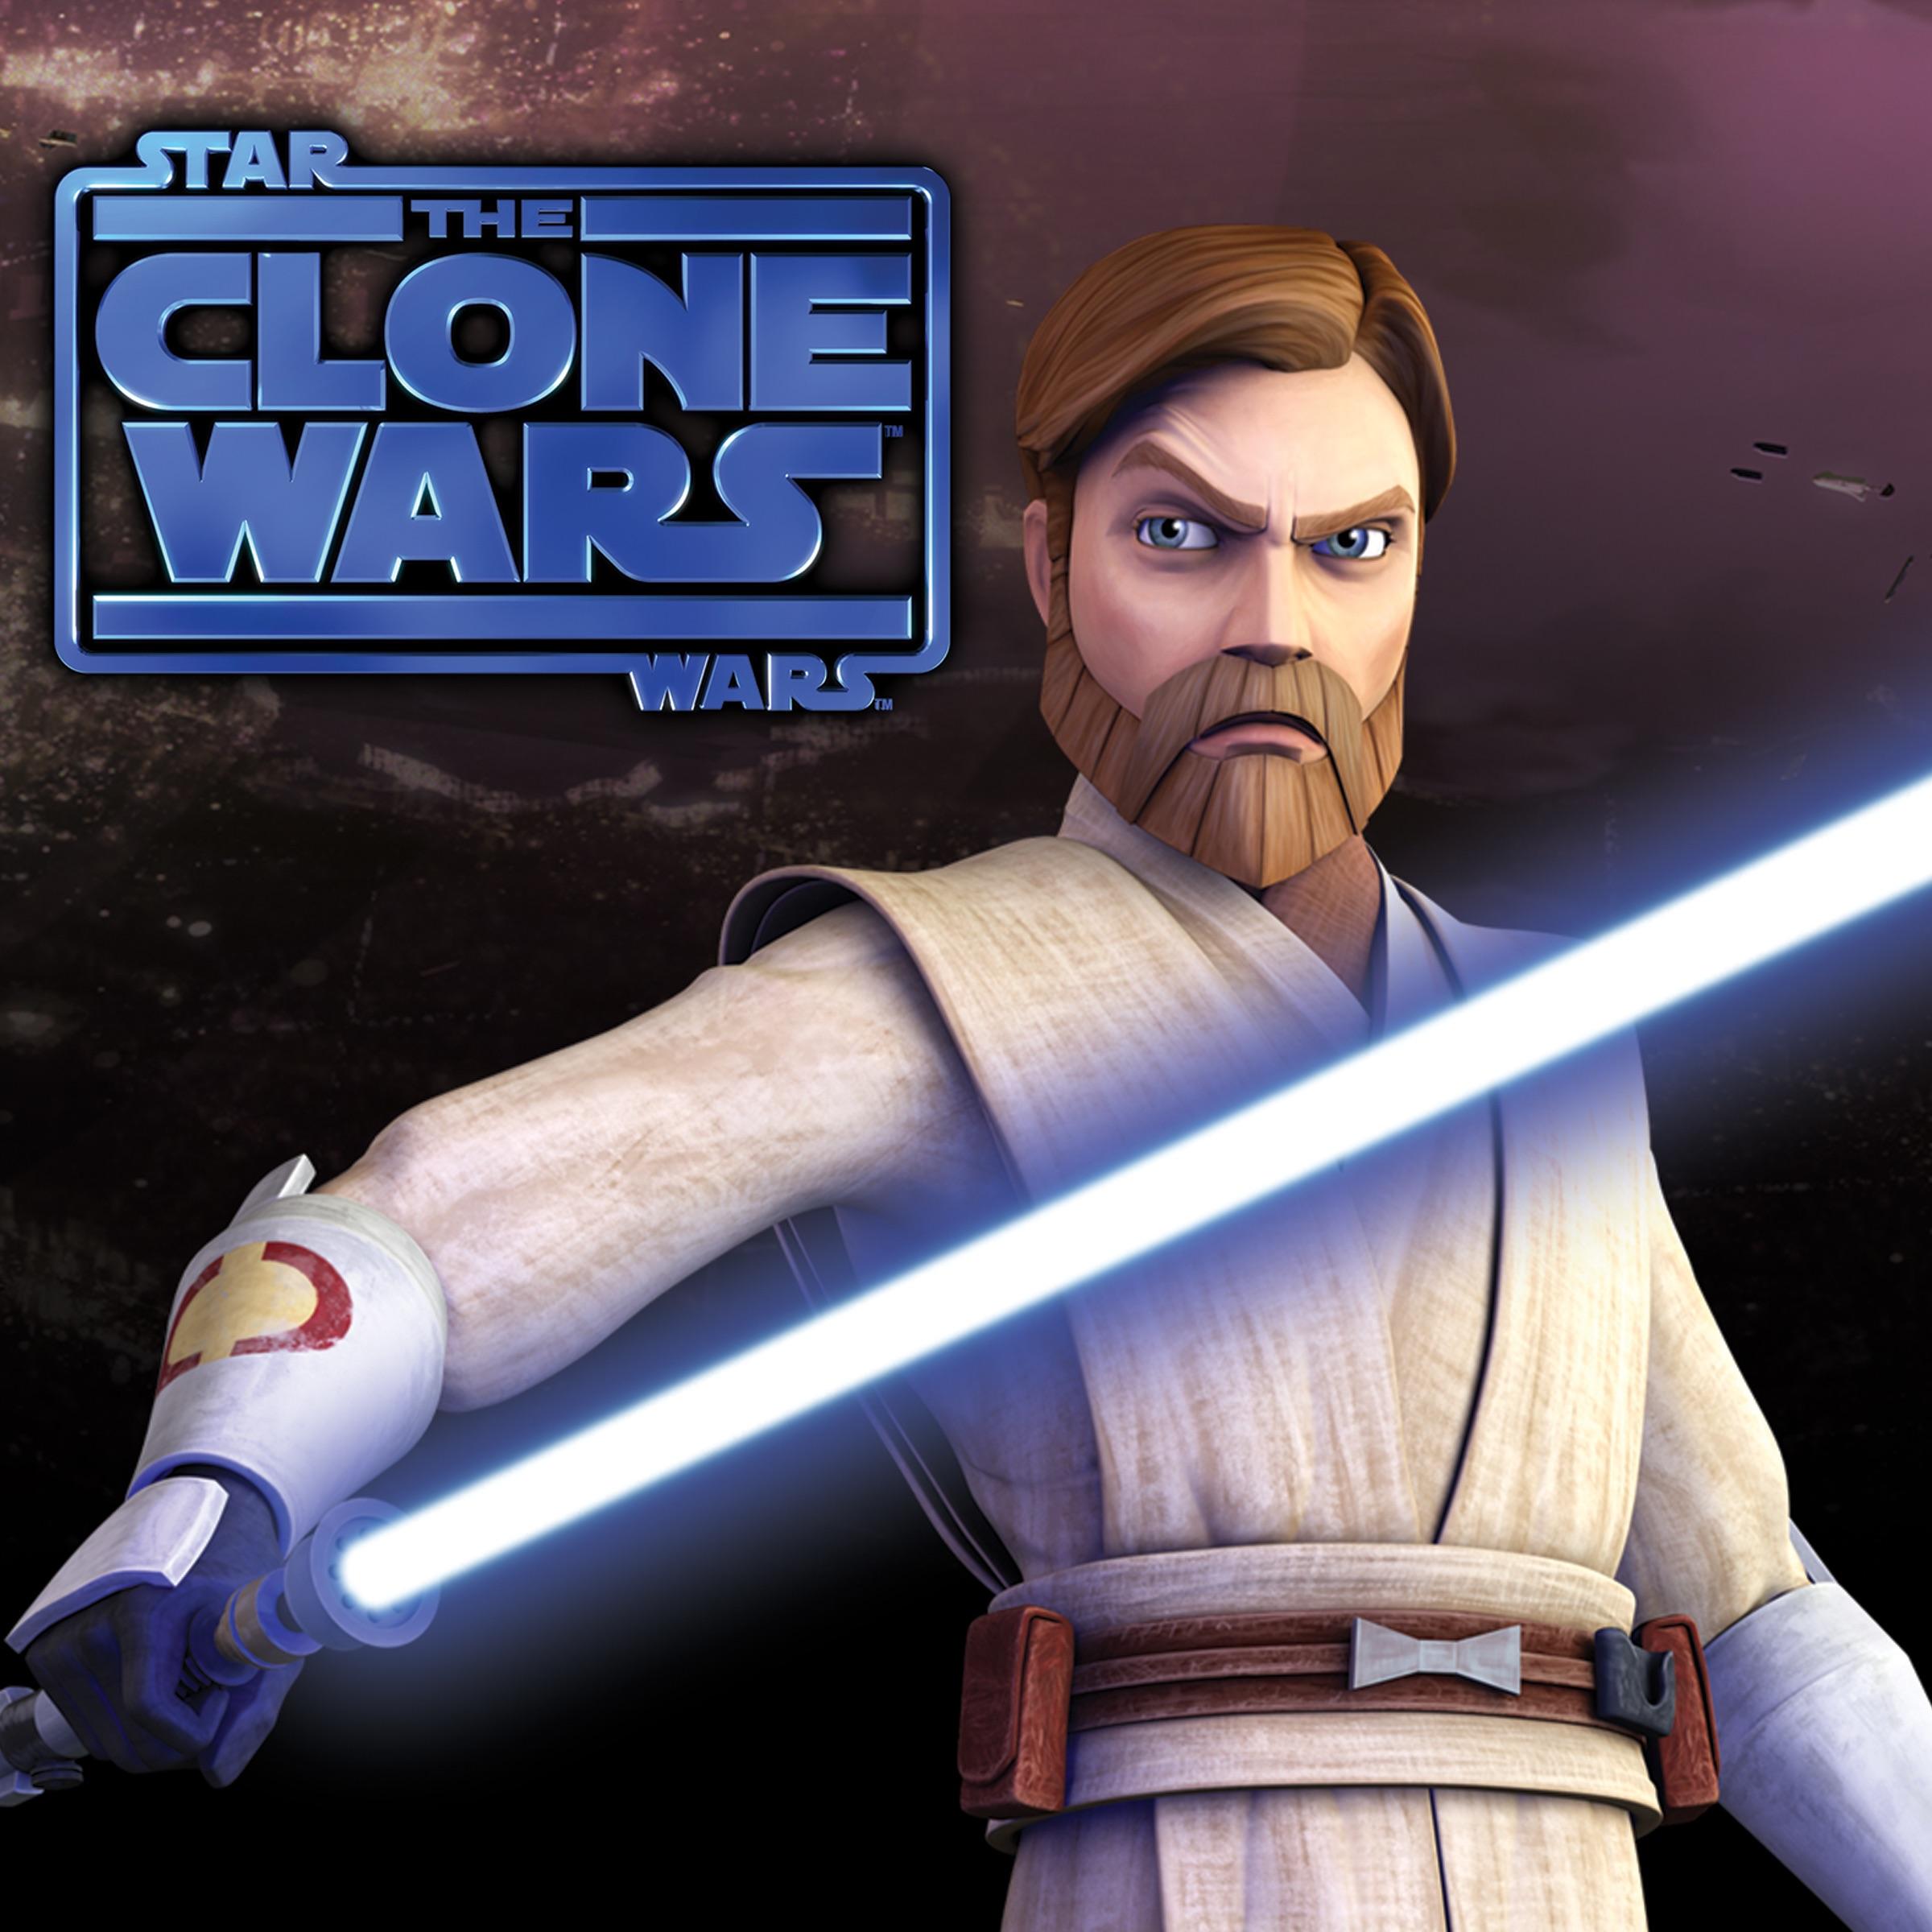 svenska itunes star wars the clone wars